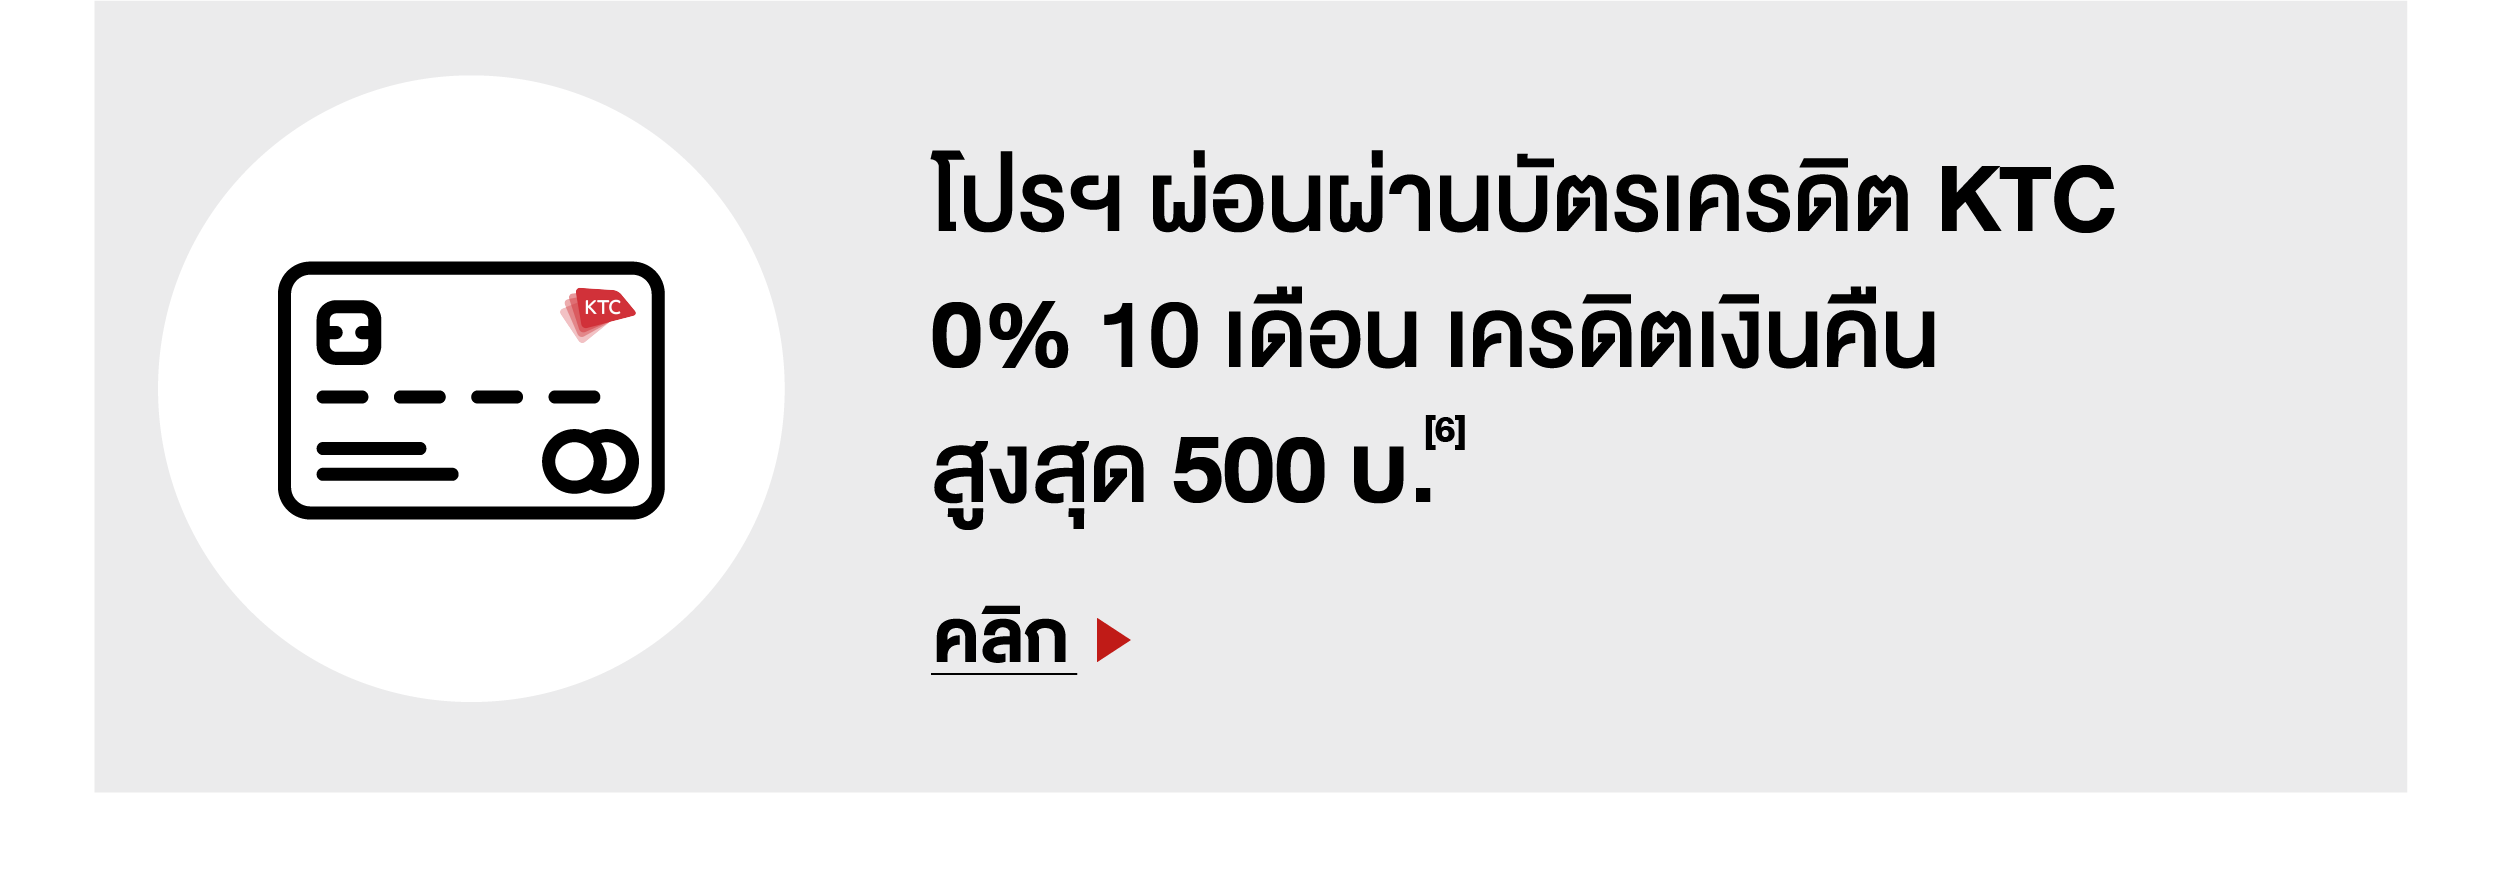 โปรฯ ผ่อนผ่านบัตรเครดิต KTC 0% 10 เดือน เครดิตเงินคืน สูงสุด 500 บาท